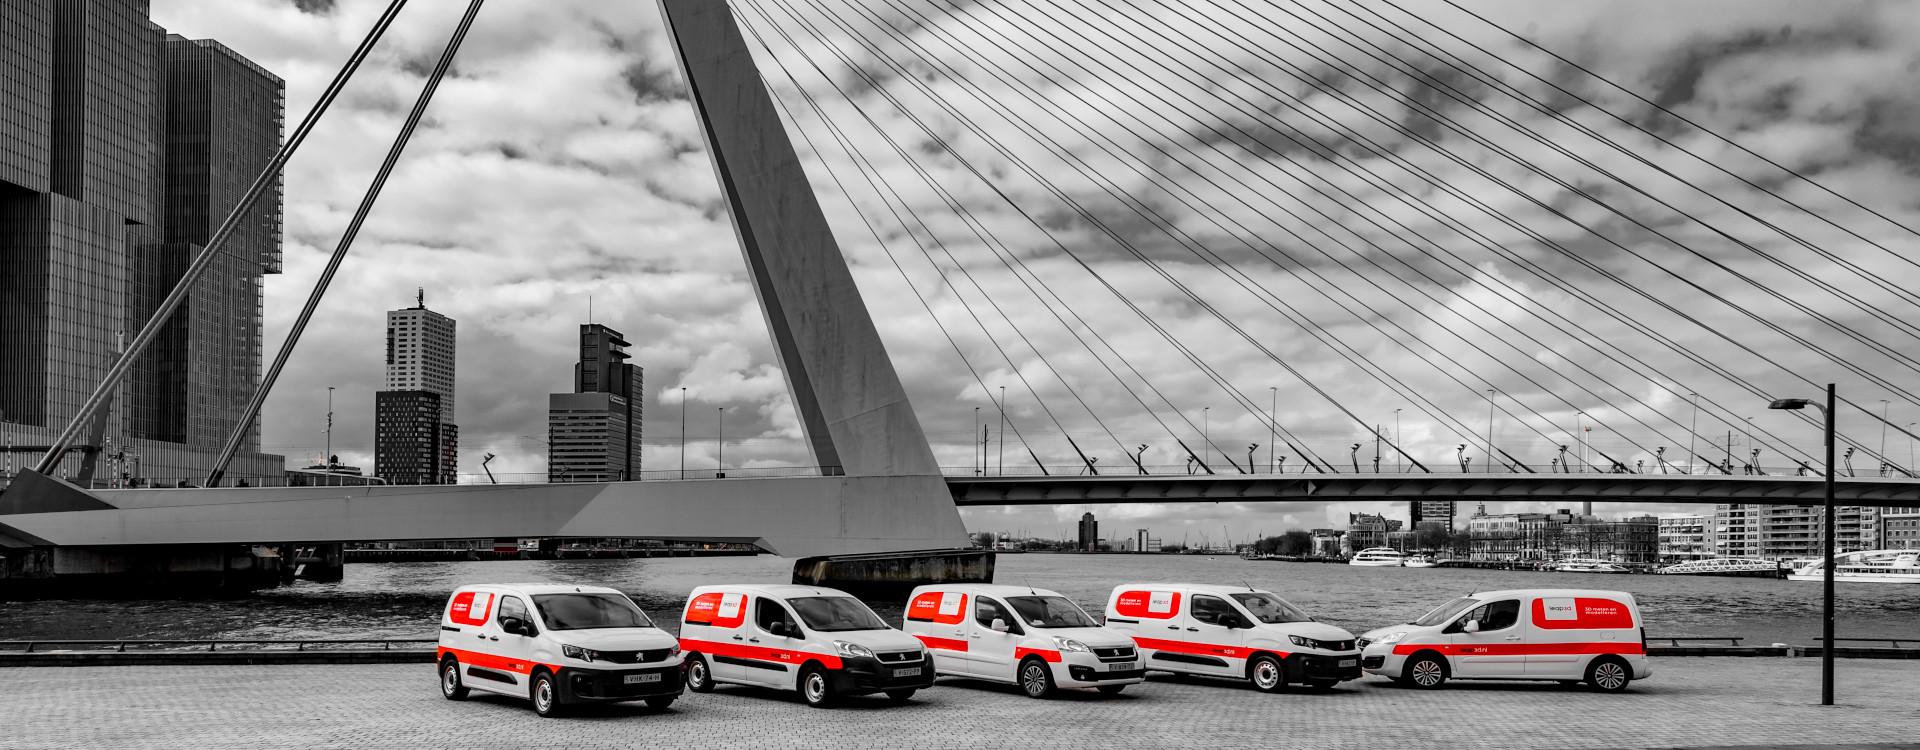 Bannerleap3d team auto 08 banner.jpg